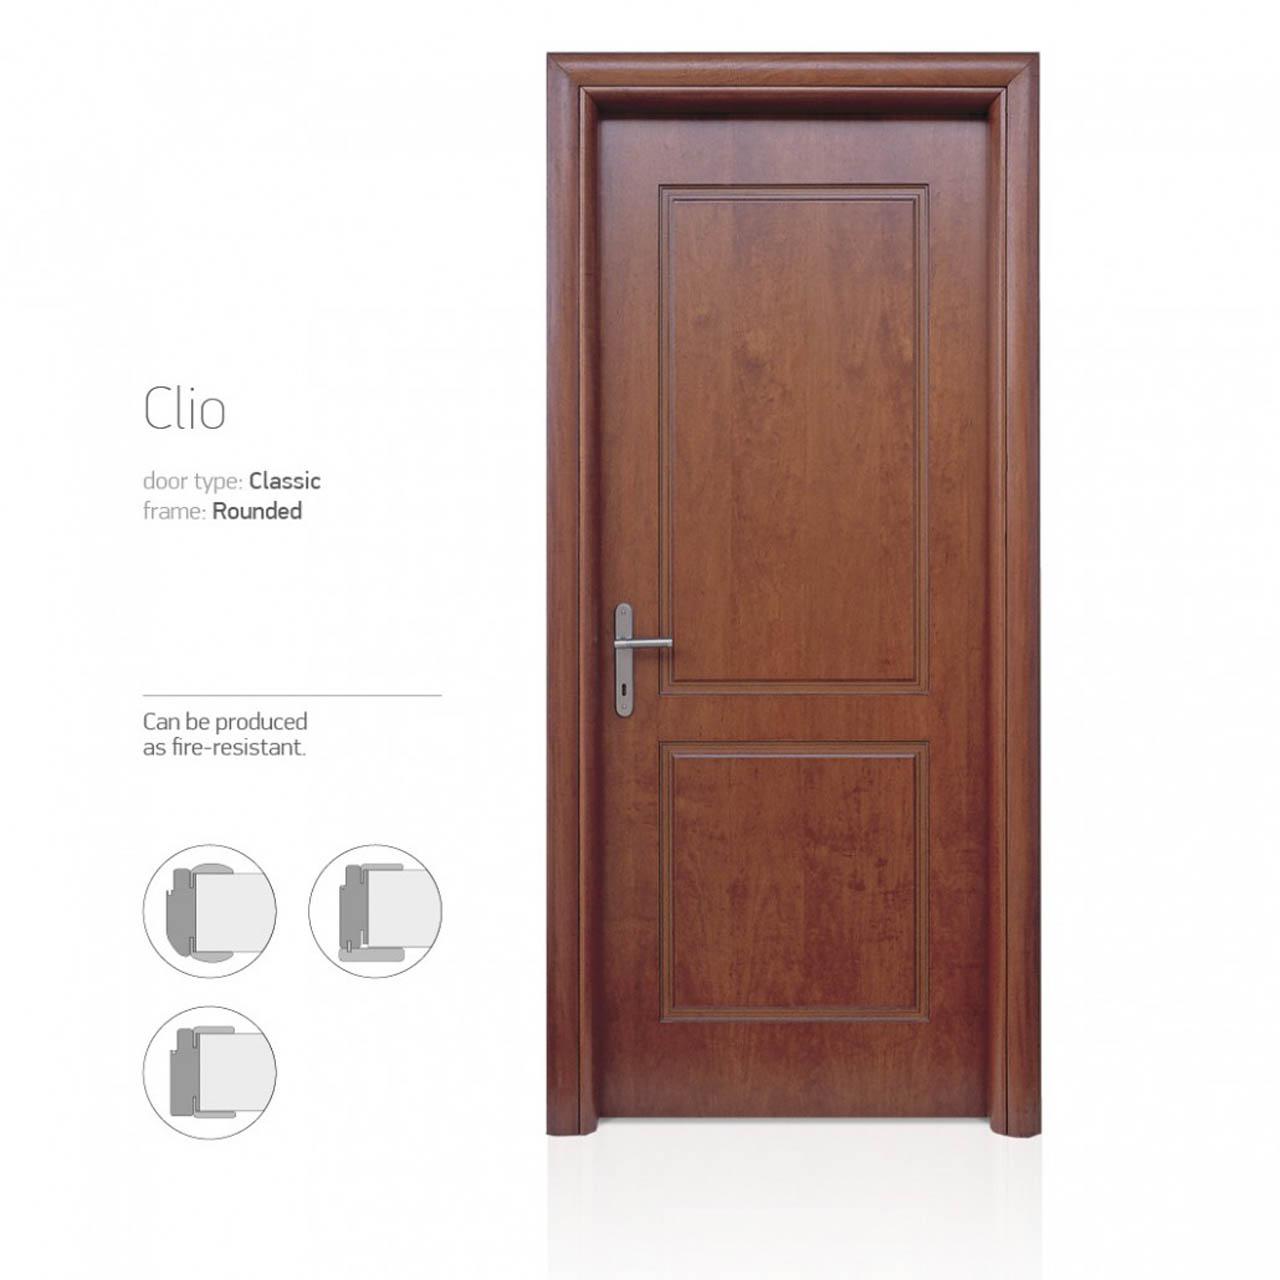 portes-site-classic-eng22-1030x1030